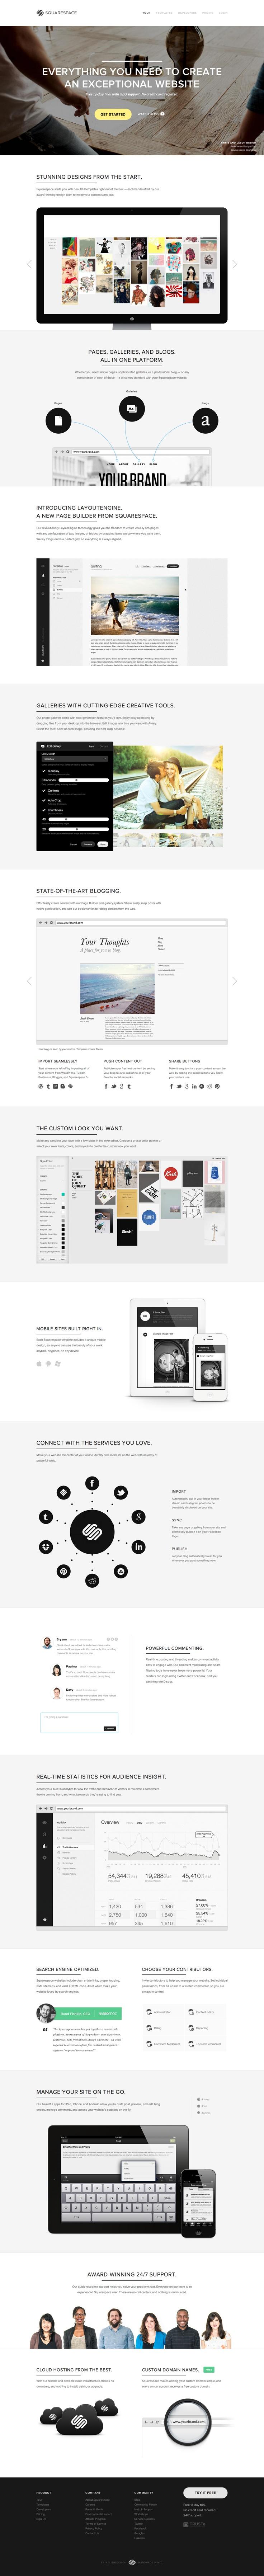 シンプルの極み。情報が染み込むように読める。いいデザインです。Squarespace